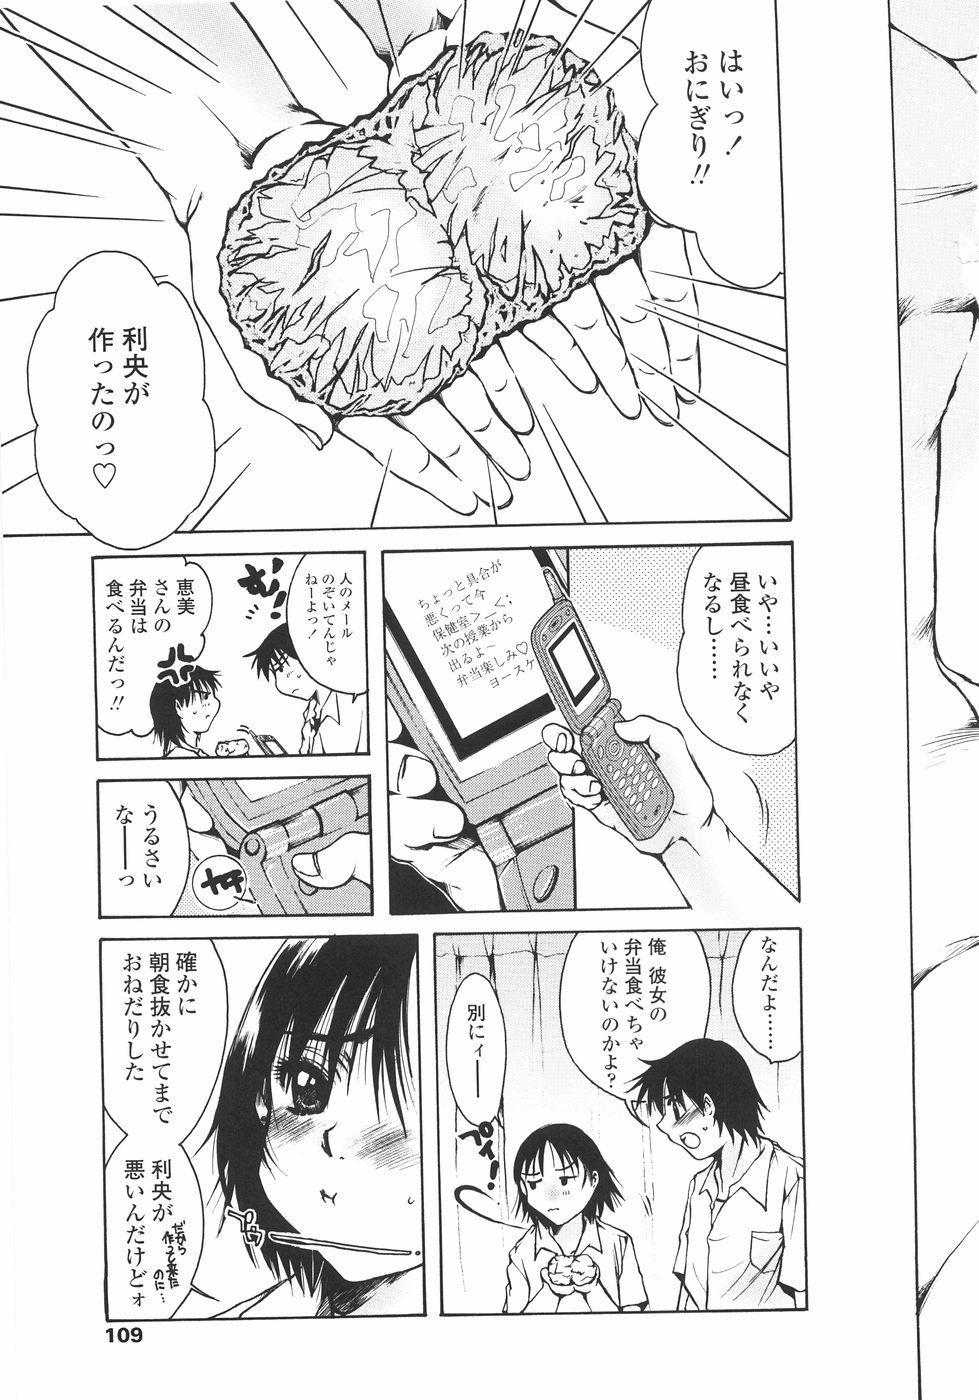 Mainichi Suki Shite♡ Kanojo to Ore to Imouto no Baai 108